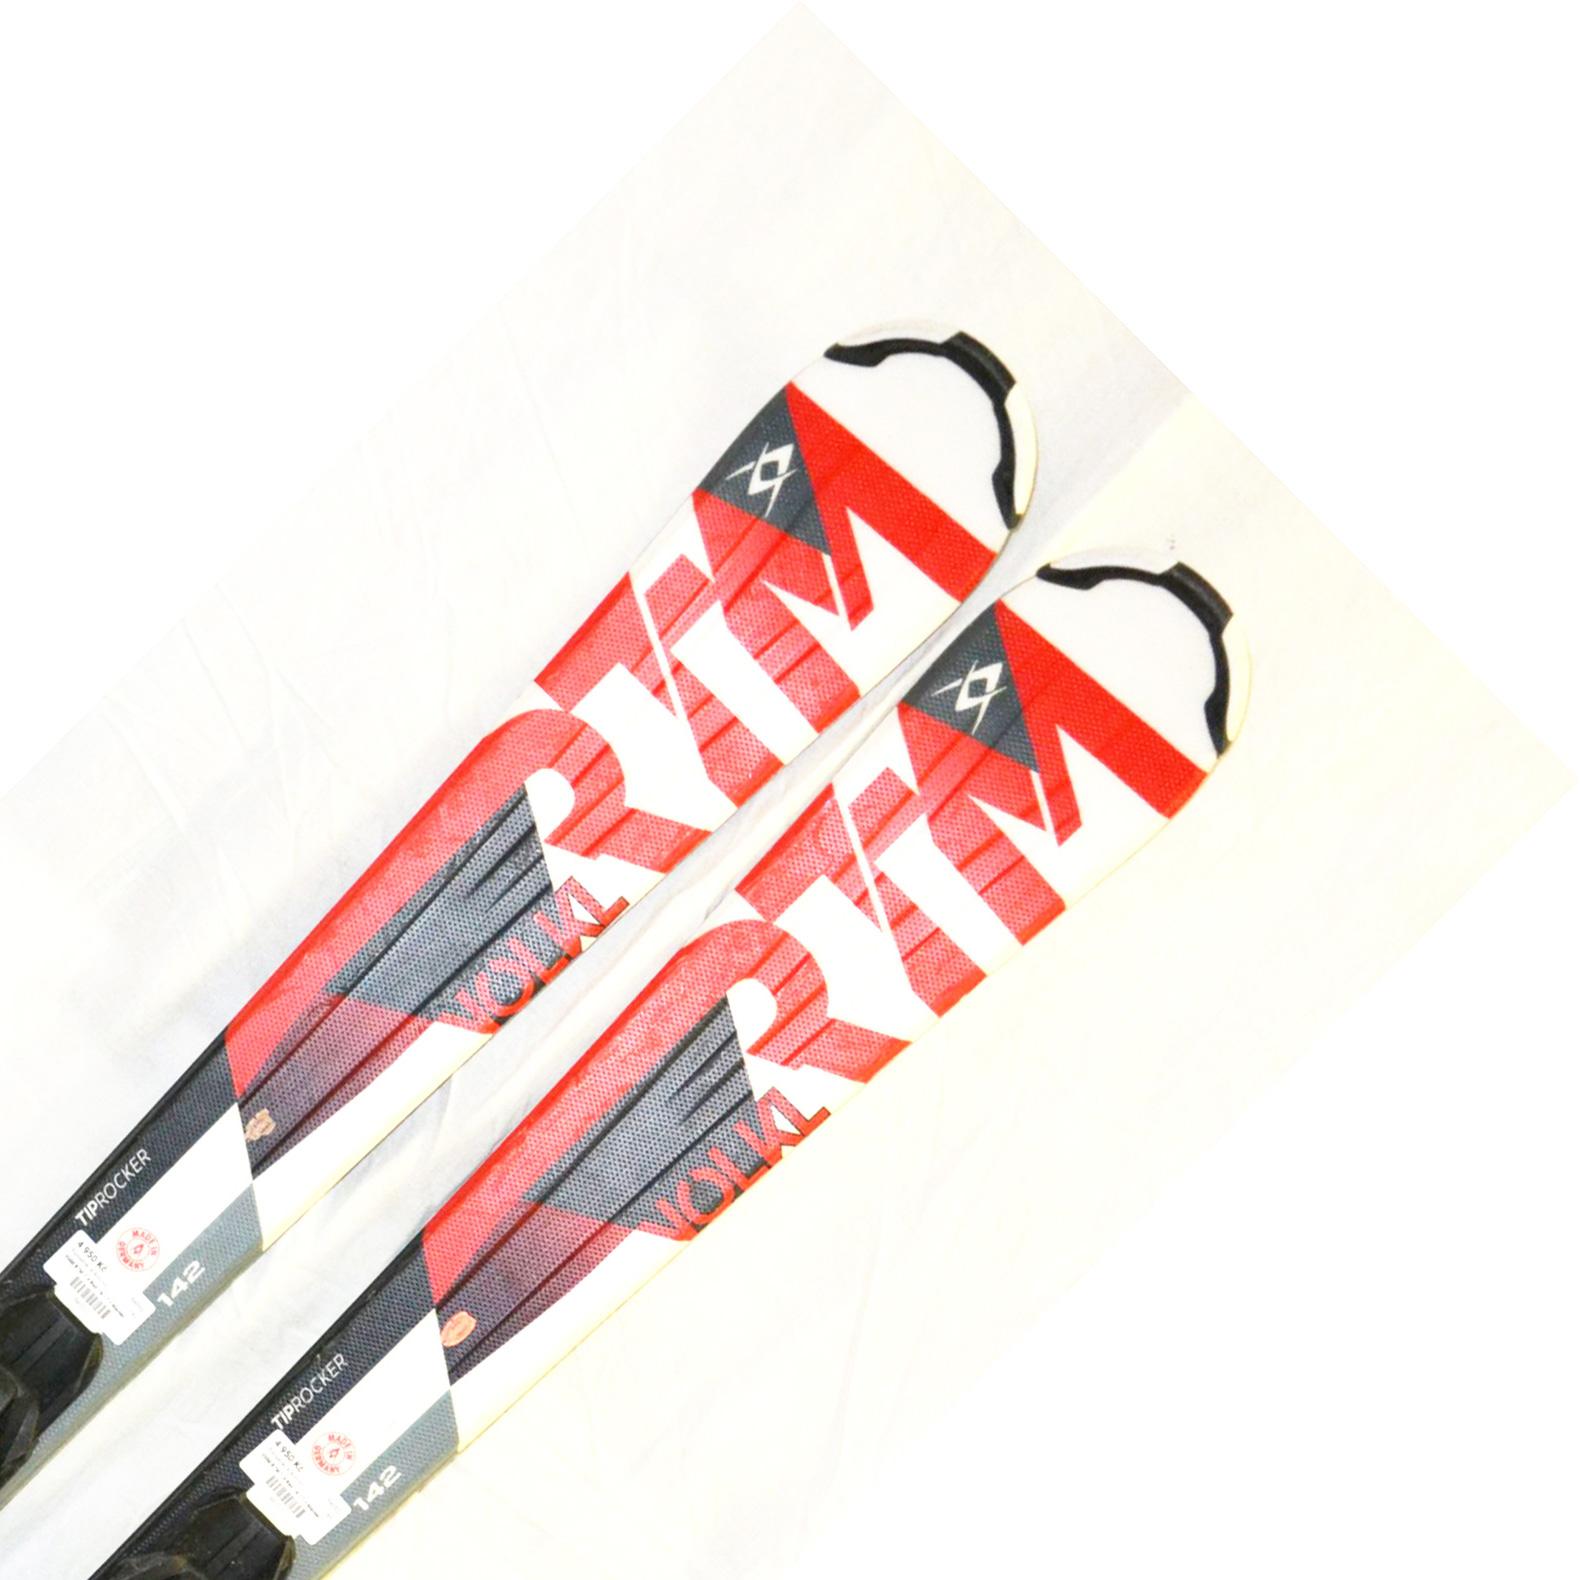 Bazar - Lyže Völkl RTM 7.4 red 16/17 + Marker Fastrek 10.0 - délka 142 142